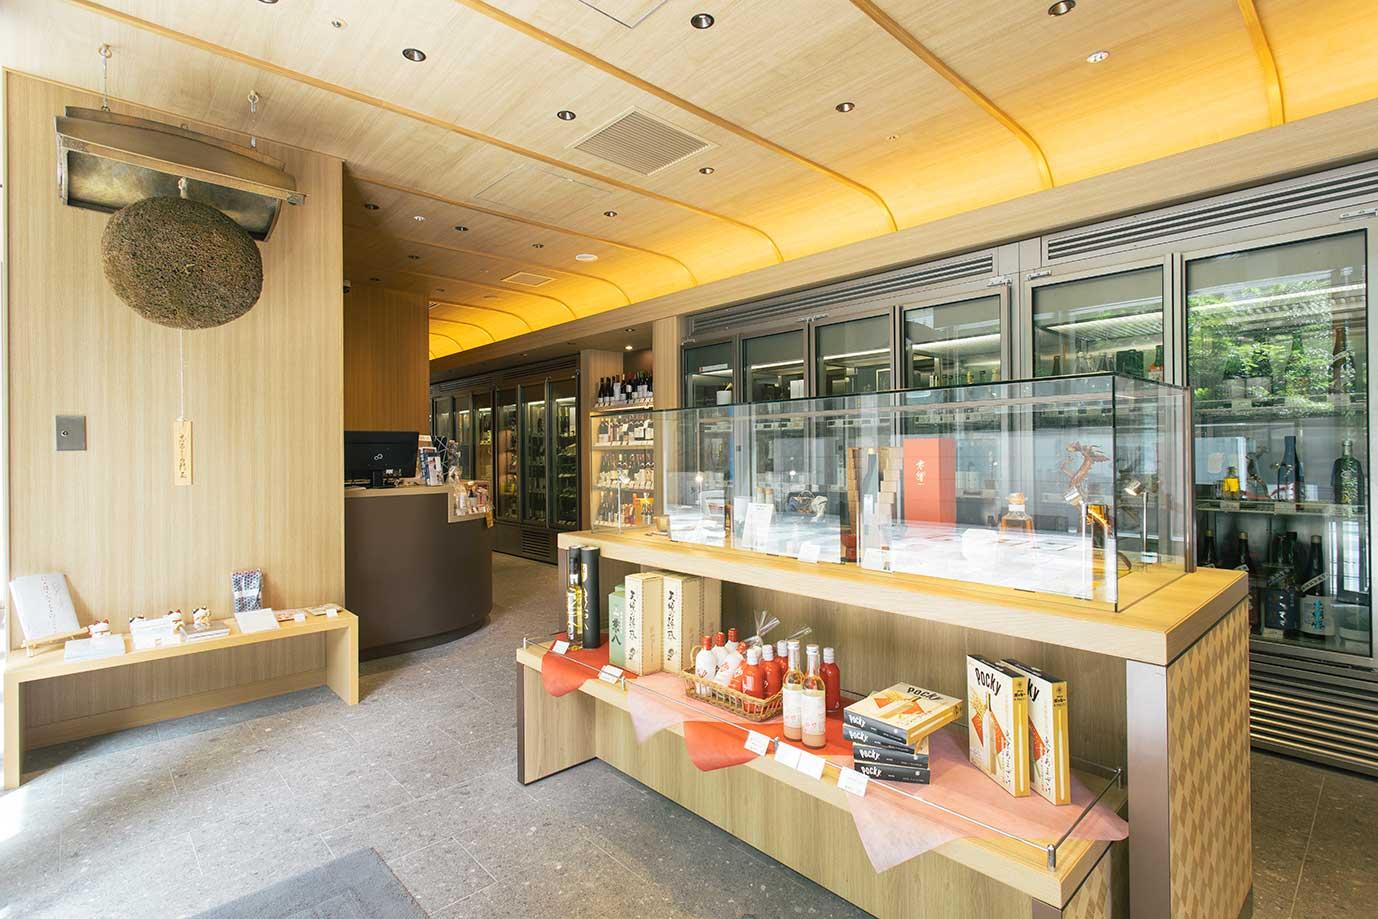 おいしい酒を生む 福島の米と杜氏の情熱 ここにも ふくしま。#1